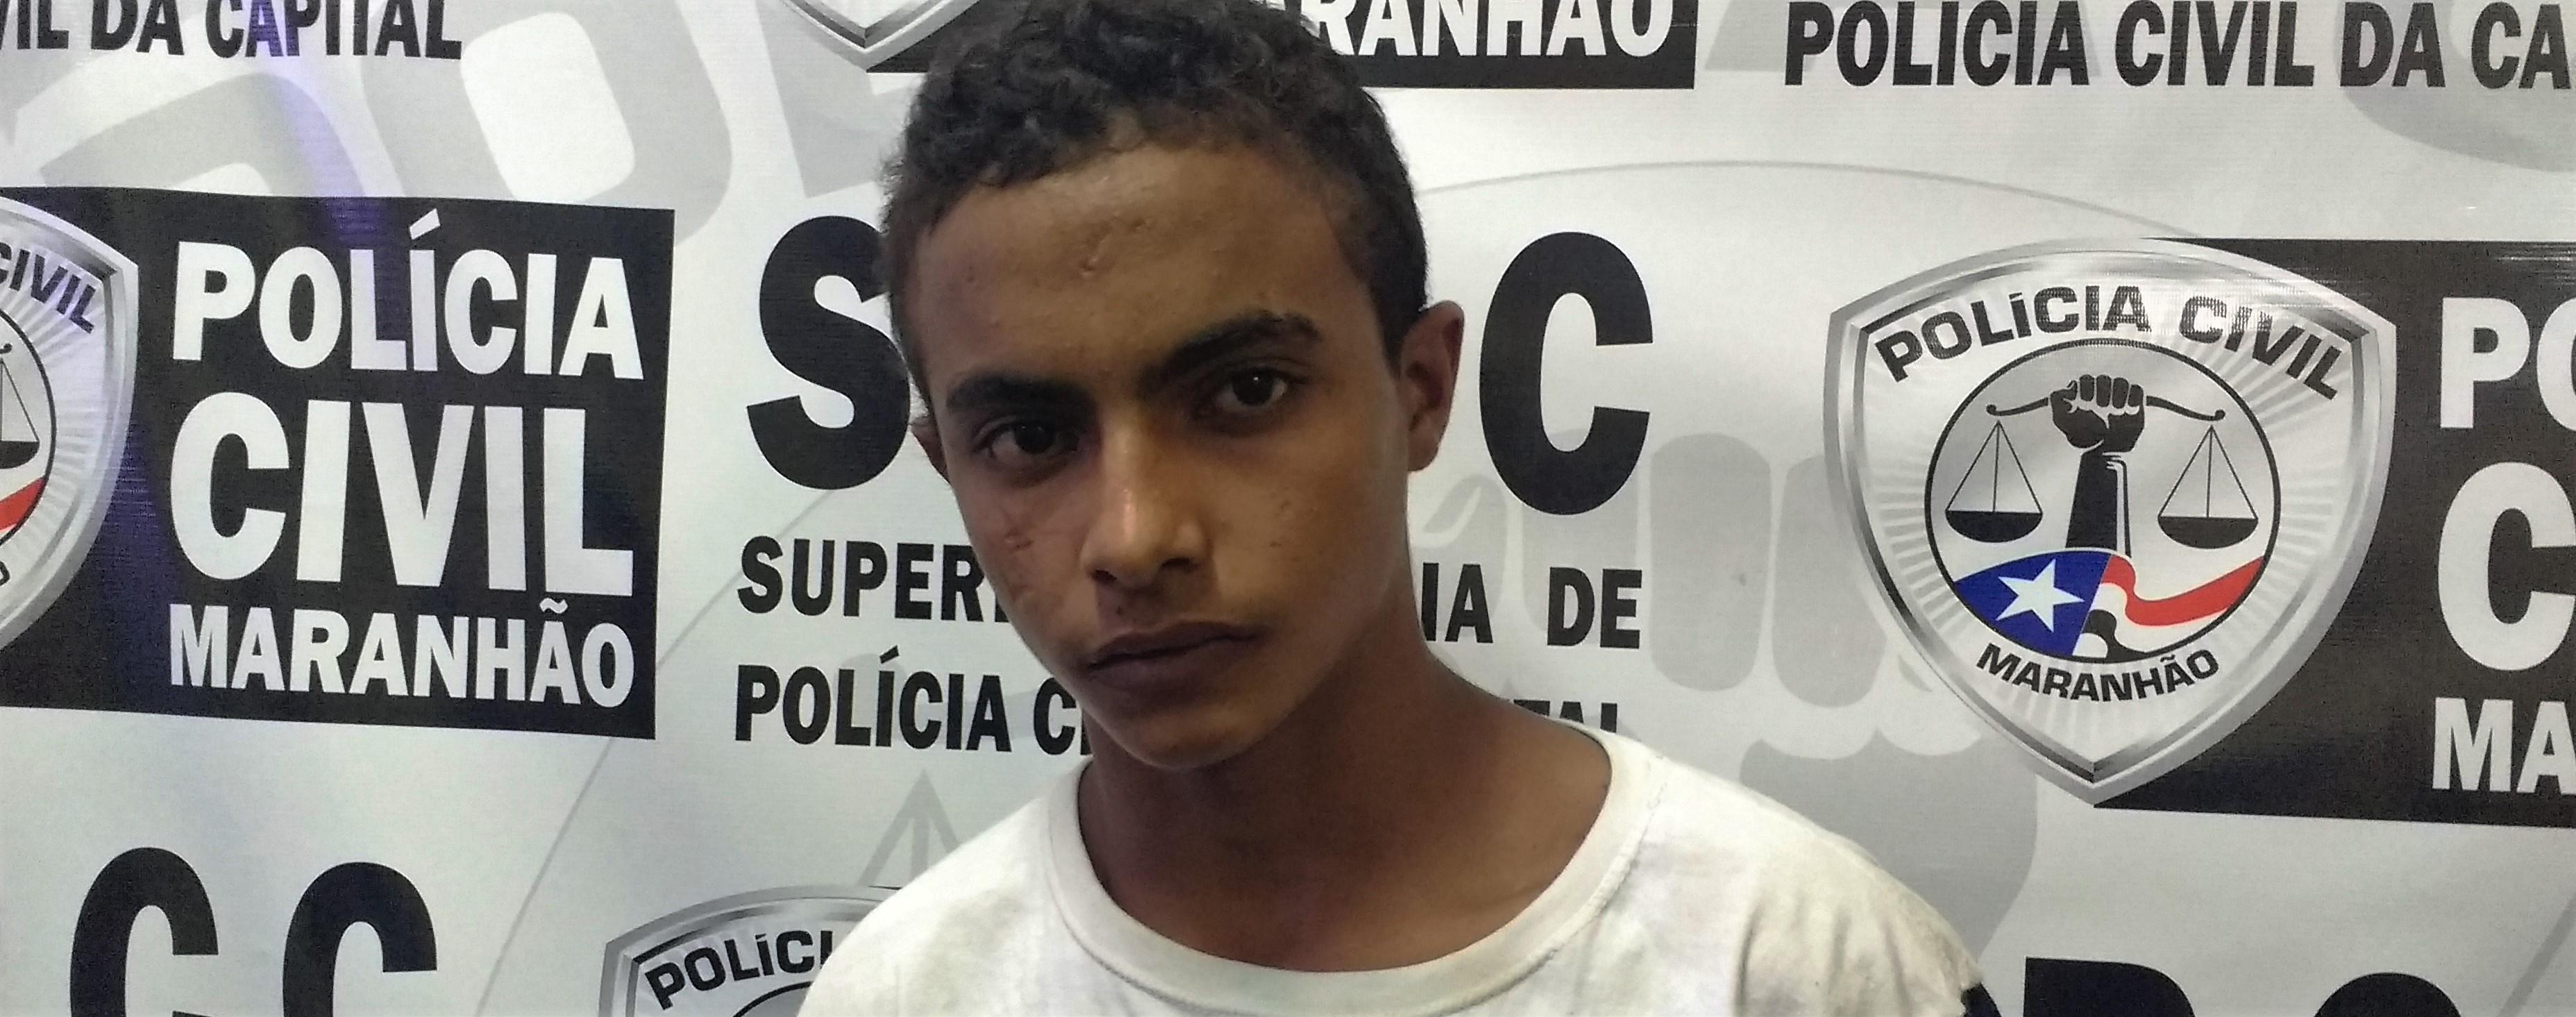 Apresentado na SPCC suspeito de latrocínio em São José de Ribamar e de envolvimento na chacina em Panaquatira